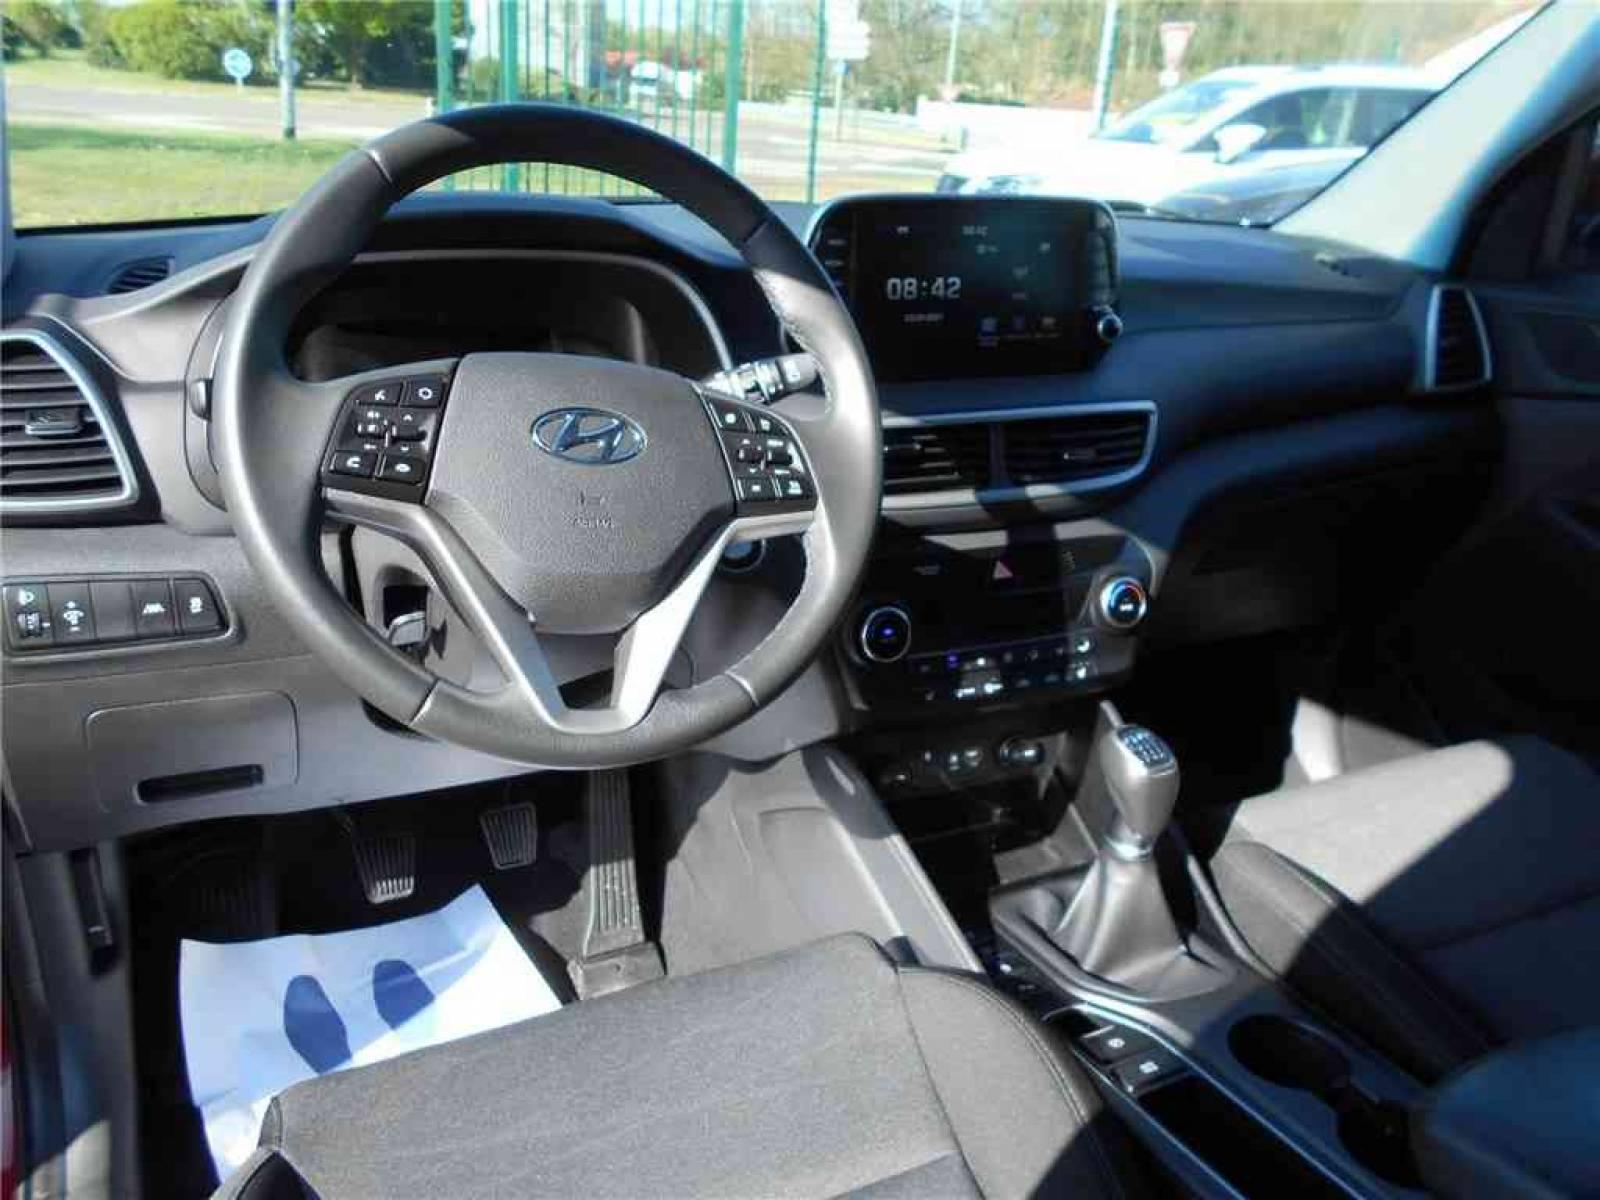 HYUNDAI Tucson 1.6 CRDi 115 - véhicule d'occasion - Groupe Guillet - Chalon Automobiles - 71100 - Chalon-sur-Saône - 20